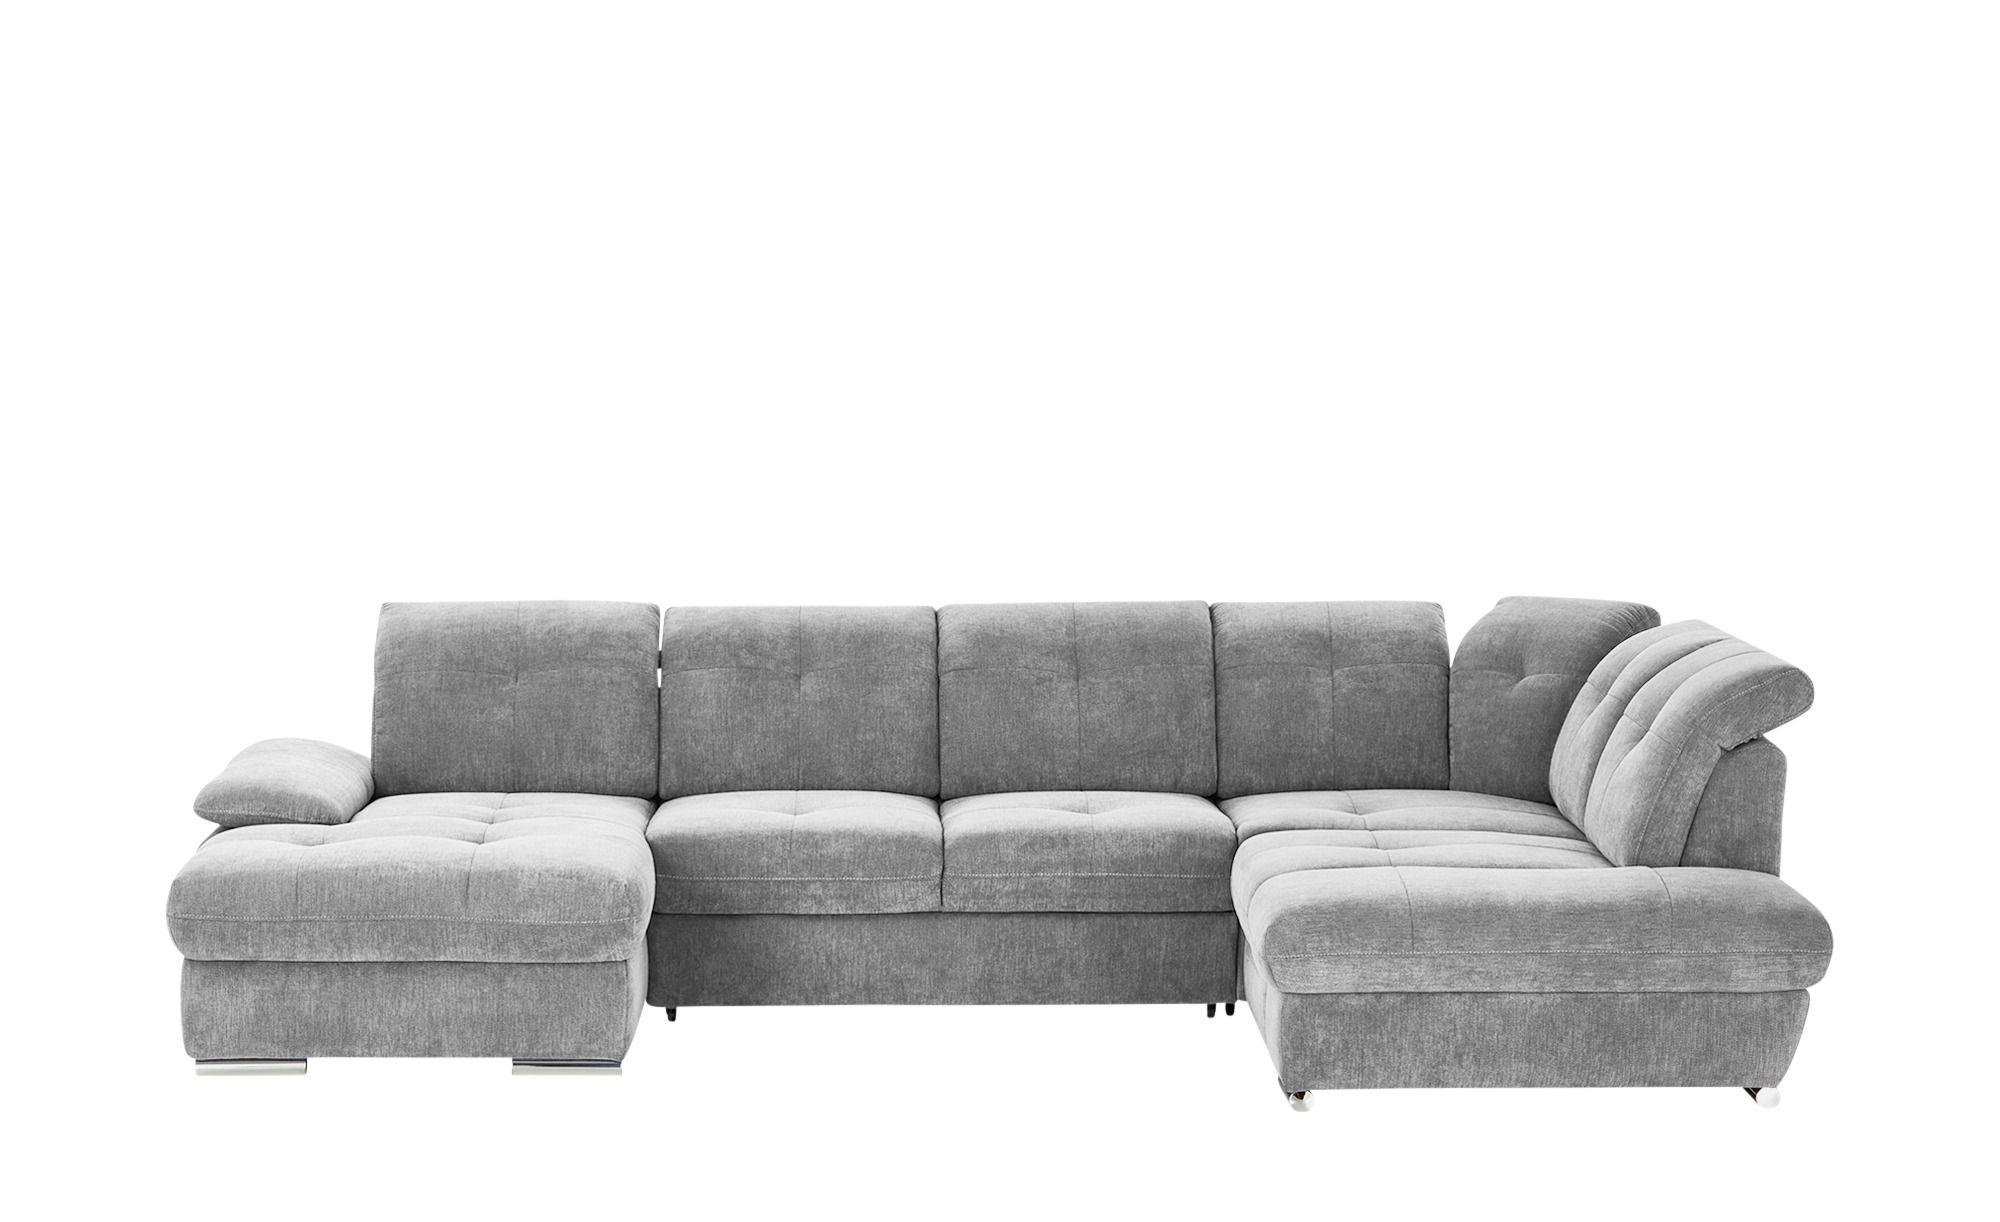 Wohnlandschaft Mit Funktion Gladys Sofa Mit Relaxfunktion Sofa